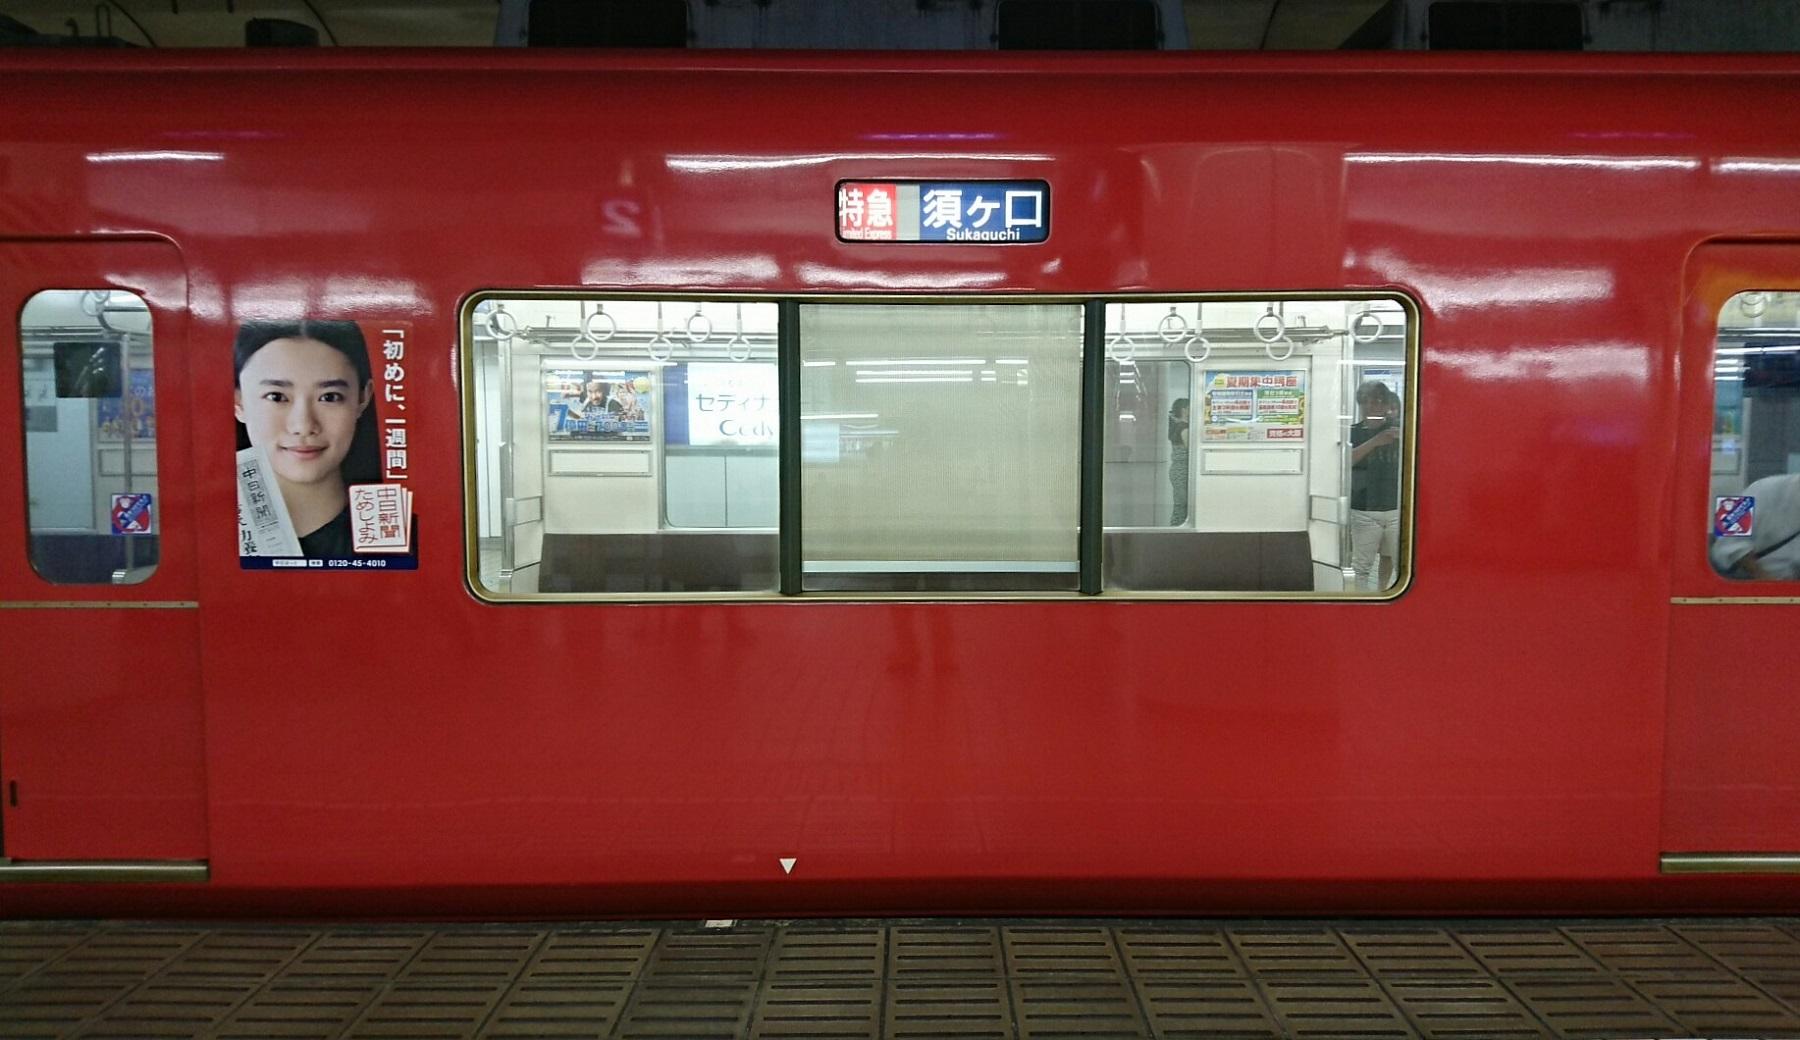 2018.7.27 (8) 名古屋 - 須ヶ口いき特急 1800-1040